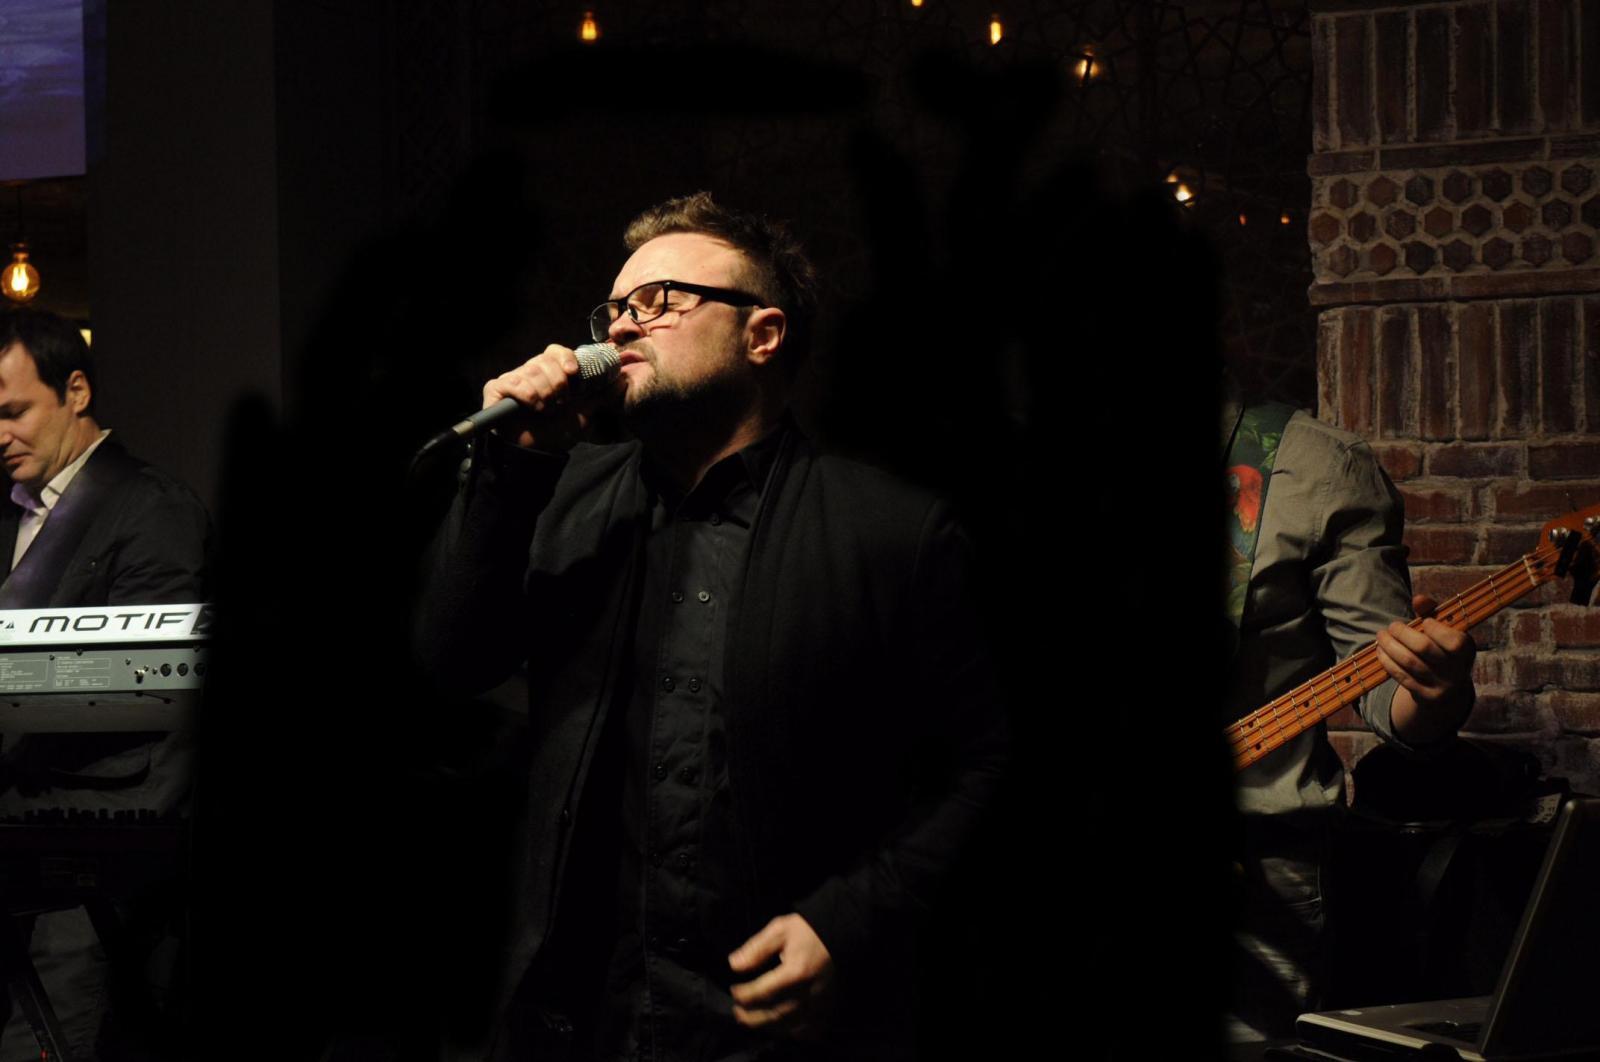 Ручкин Band